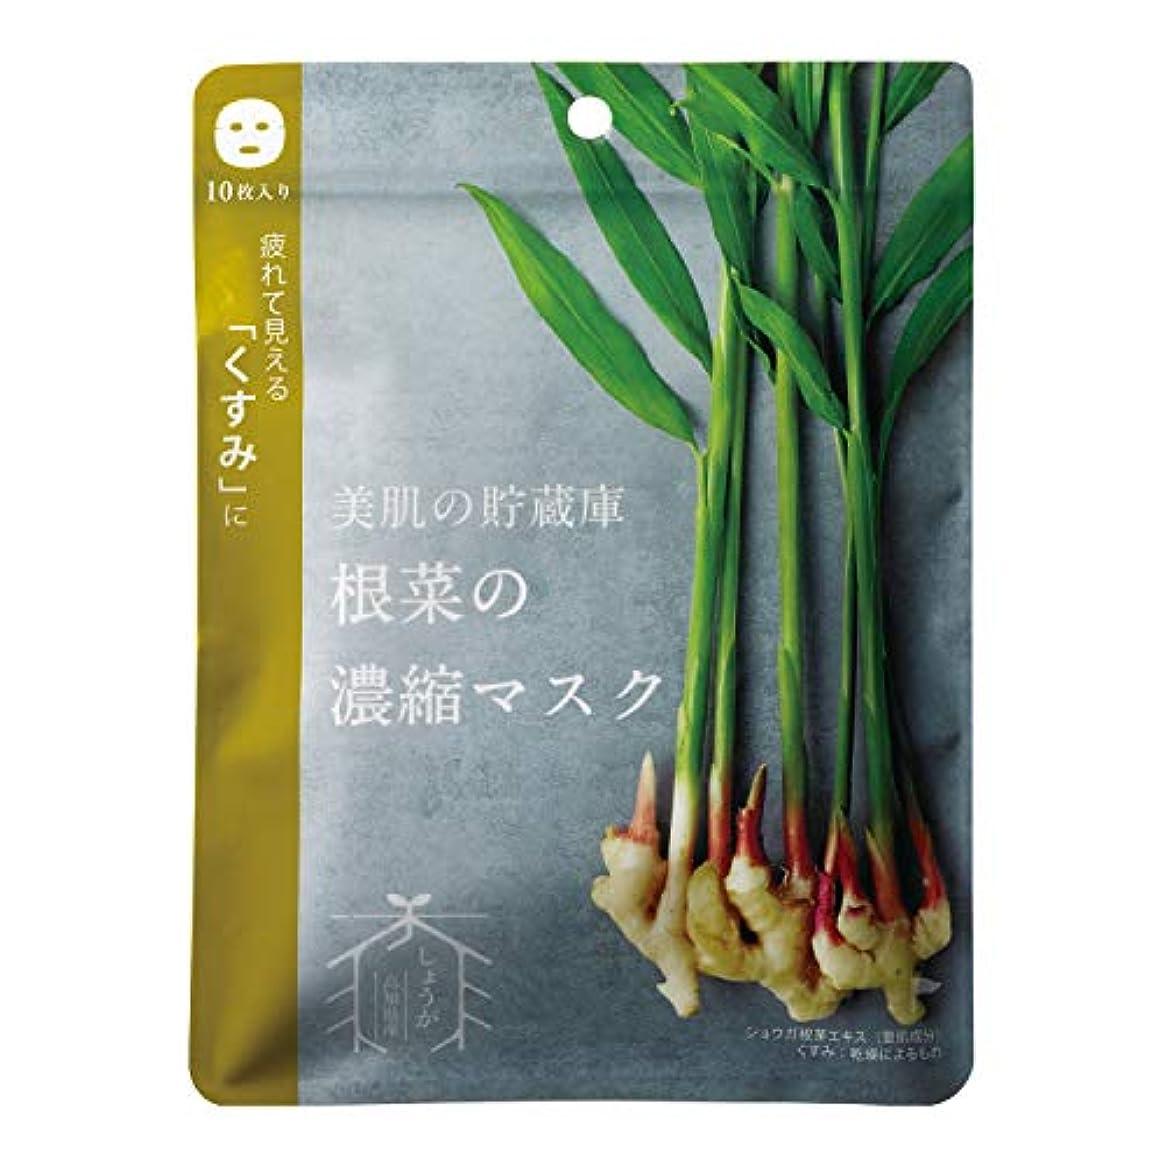 夕食を食べる下に向けます黒板@cosme nippon 美肌の貯蔵庫 根菜の濃縮マスク 土佐一しょうが 10枚 160ml